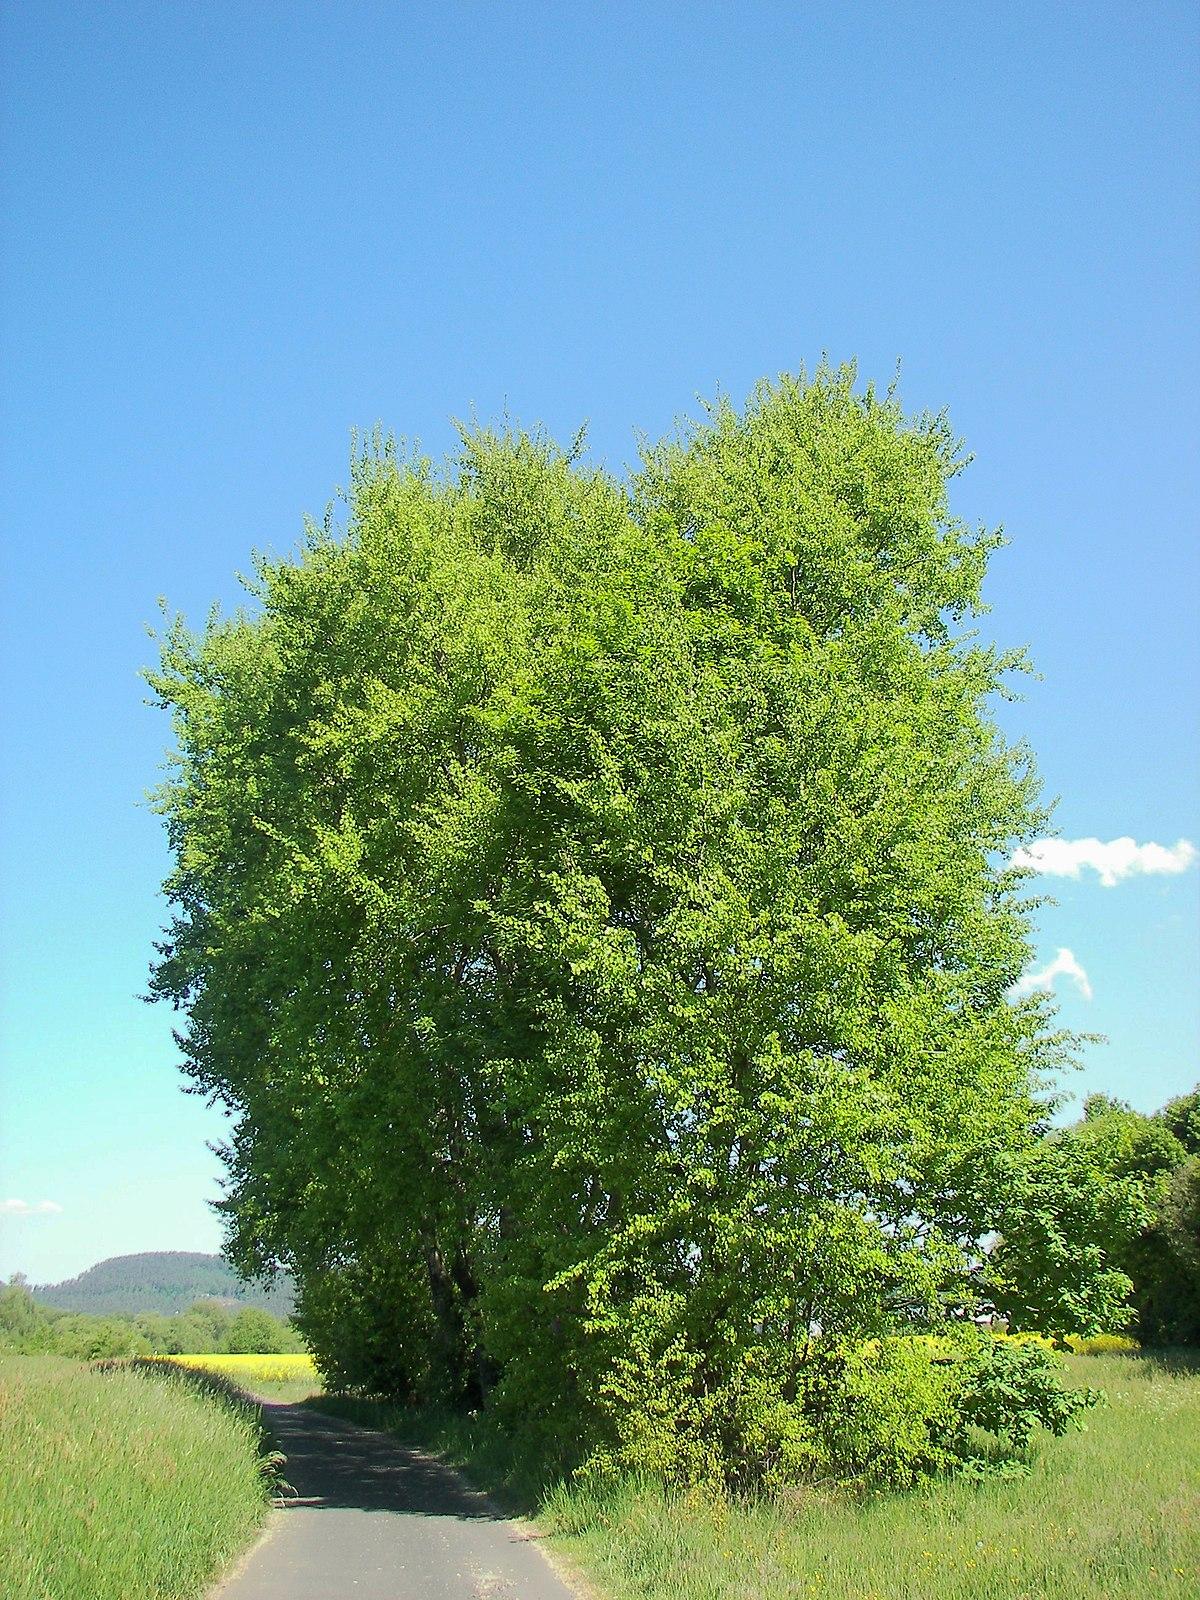 осина фото дерева и листьев